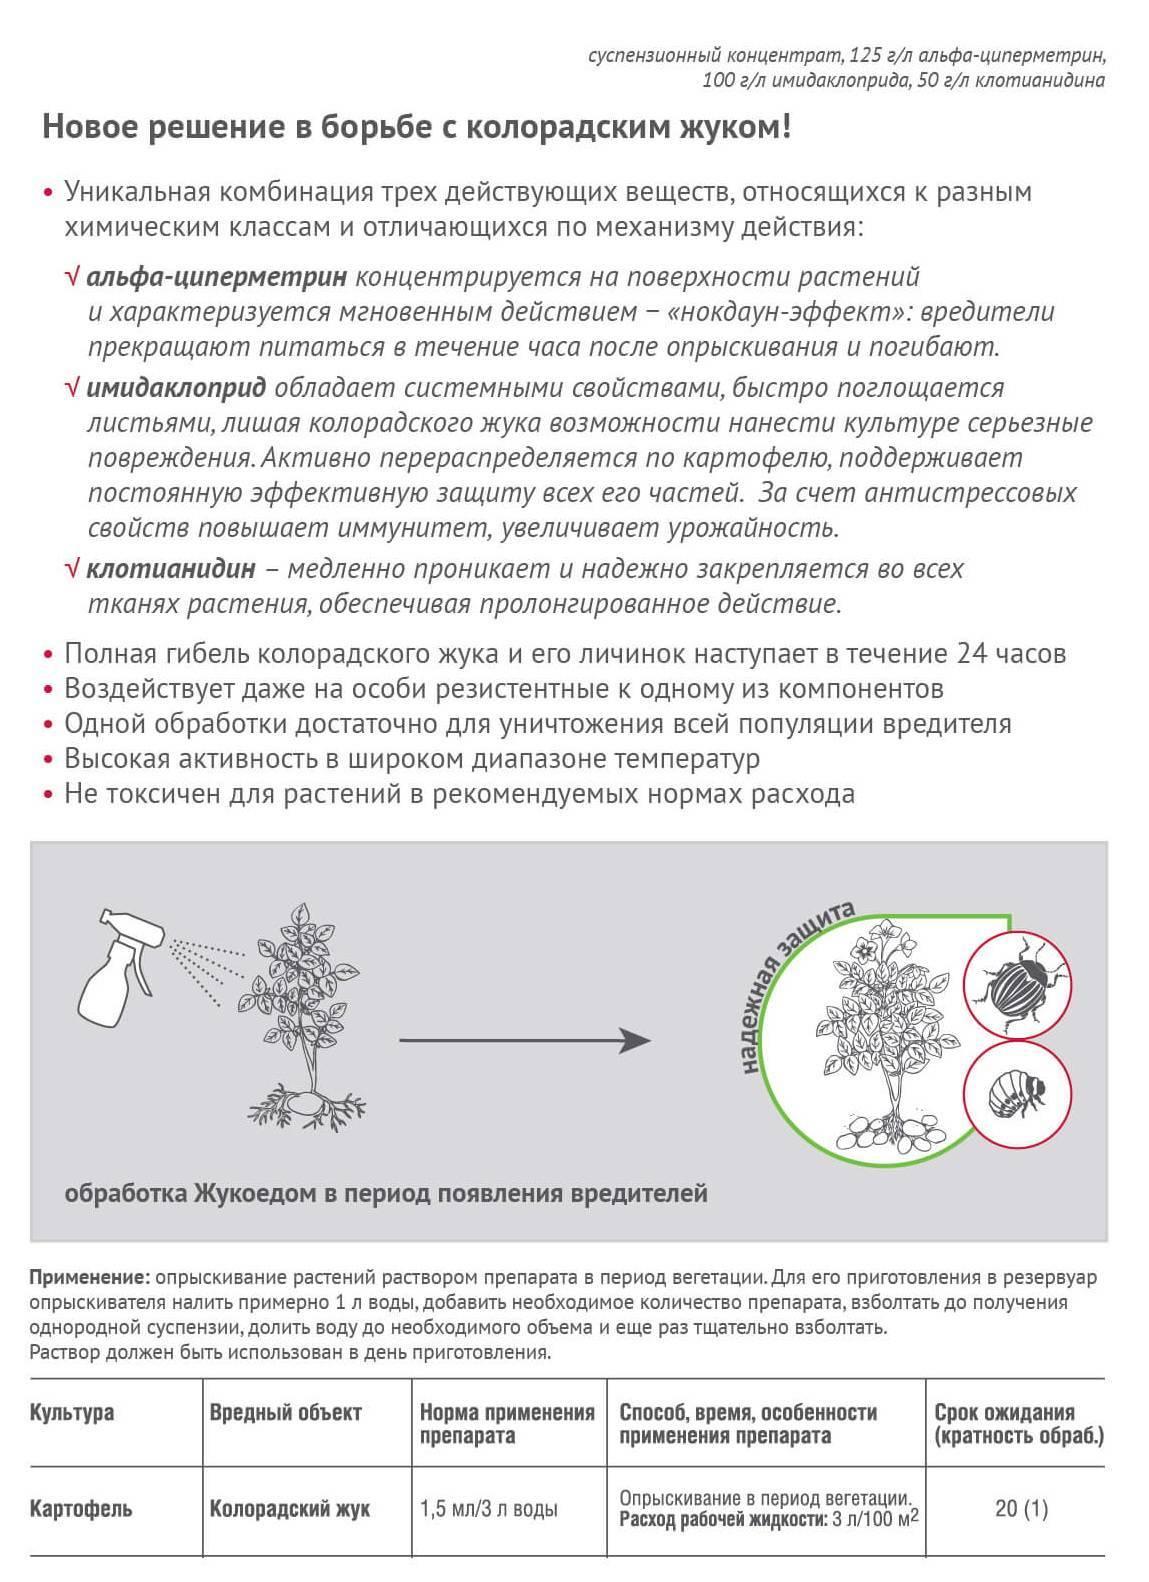 Как правильно разводить и использовать препарат Жукоед против колорадского жука